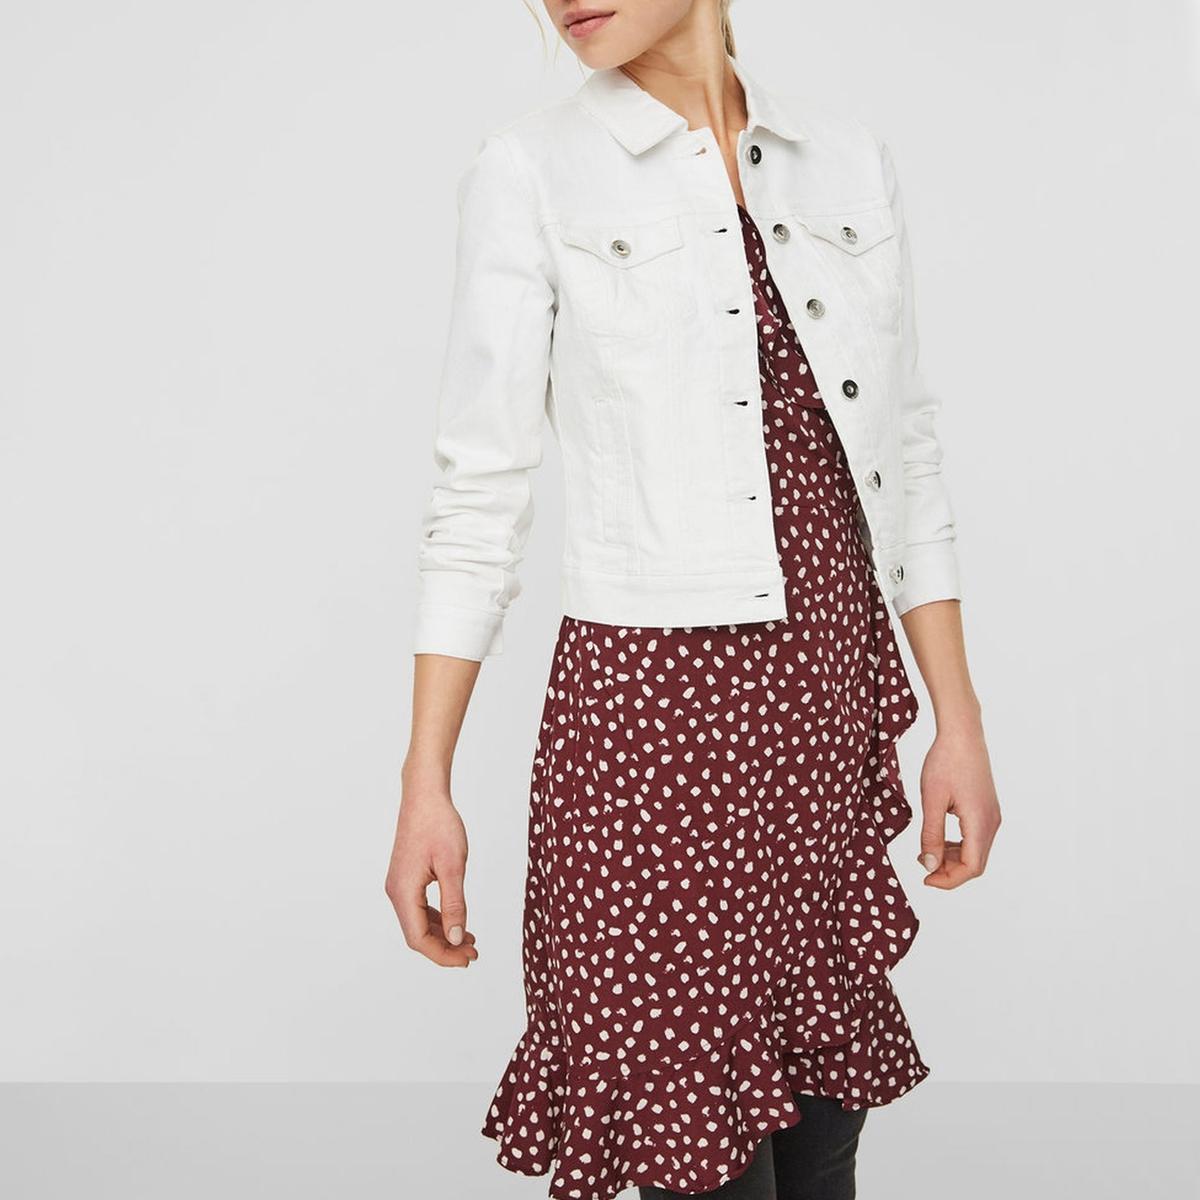 Куртка LaRedoute Короткая прямого покроя из джинсовой ткани M белый